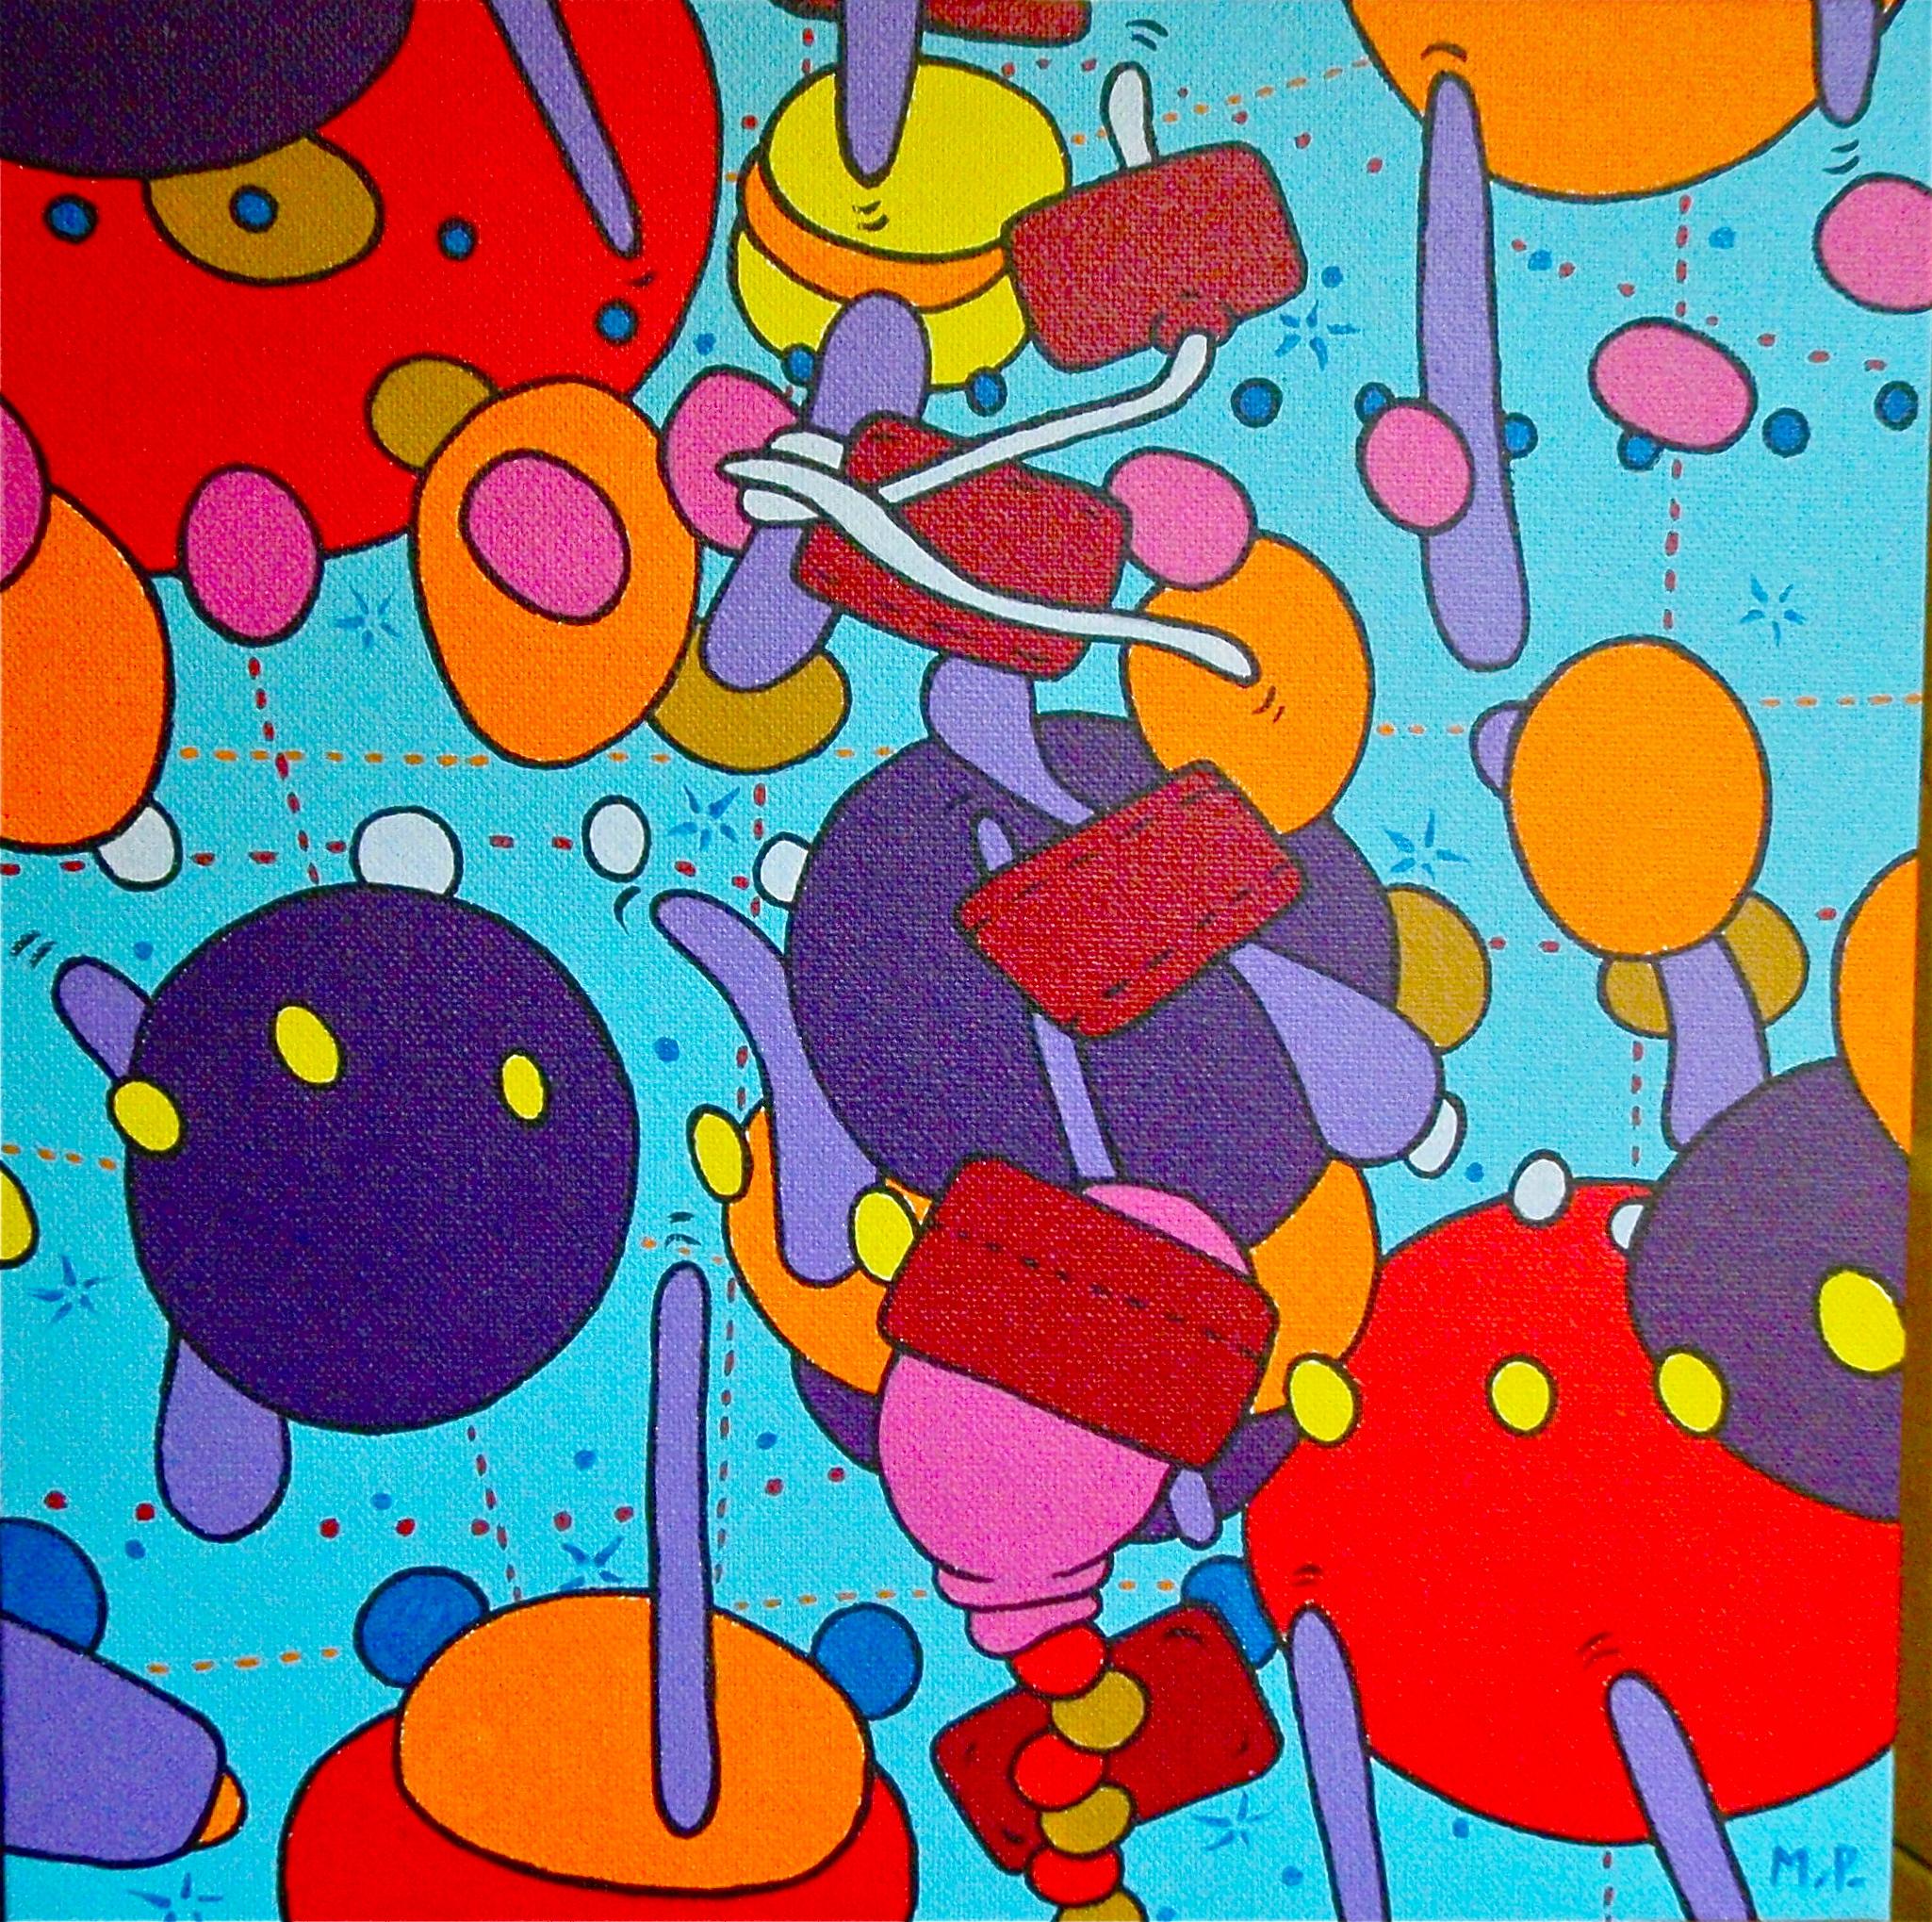 Jeu de l'Esprit (30x30)